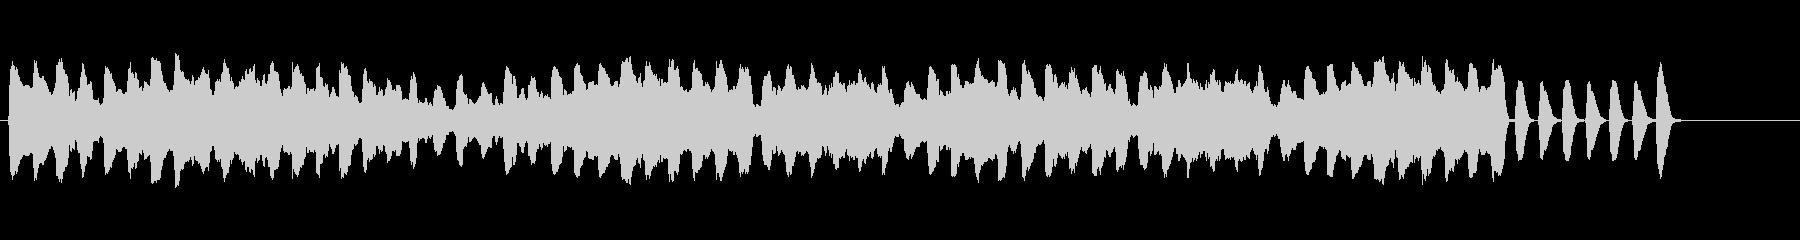 ほのぼの可愛いリコーダー 日常 動画の未再生の波形